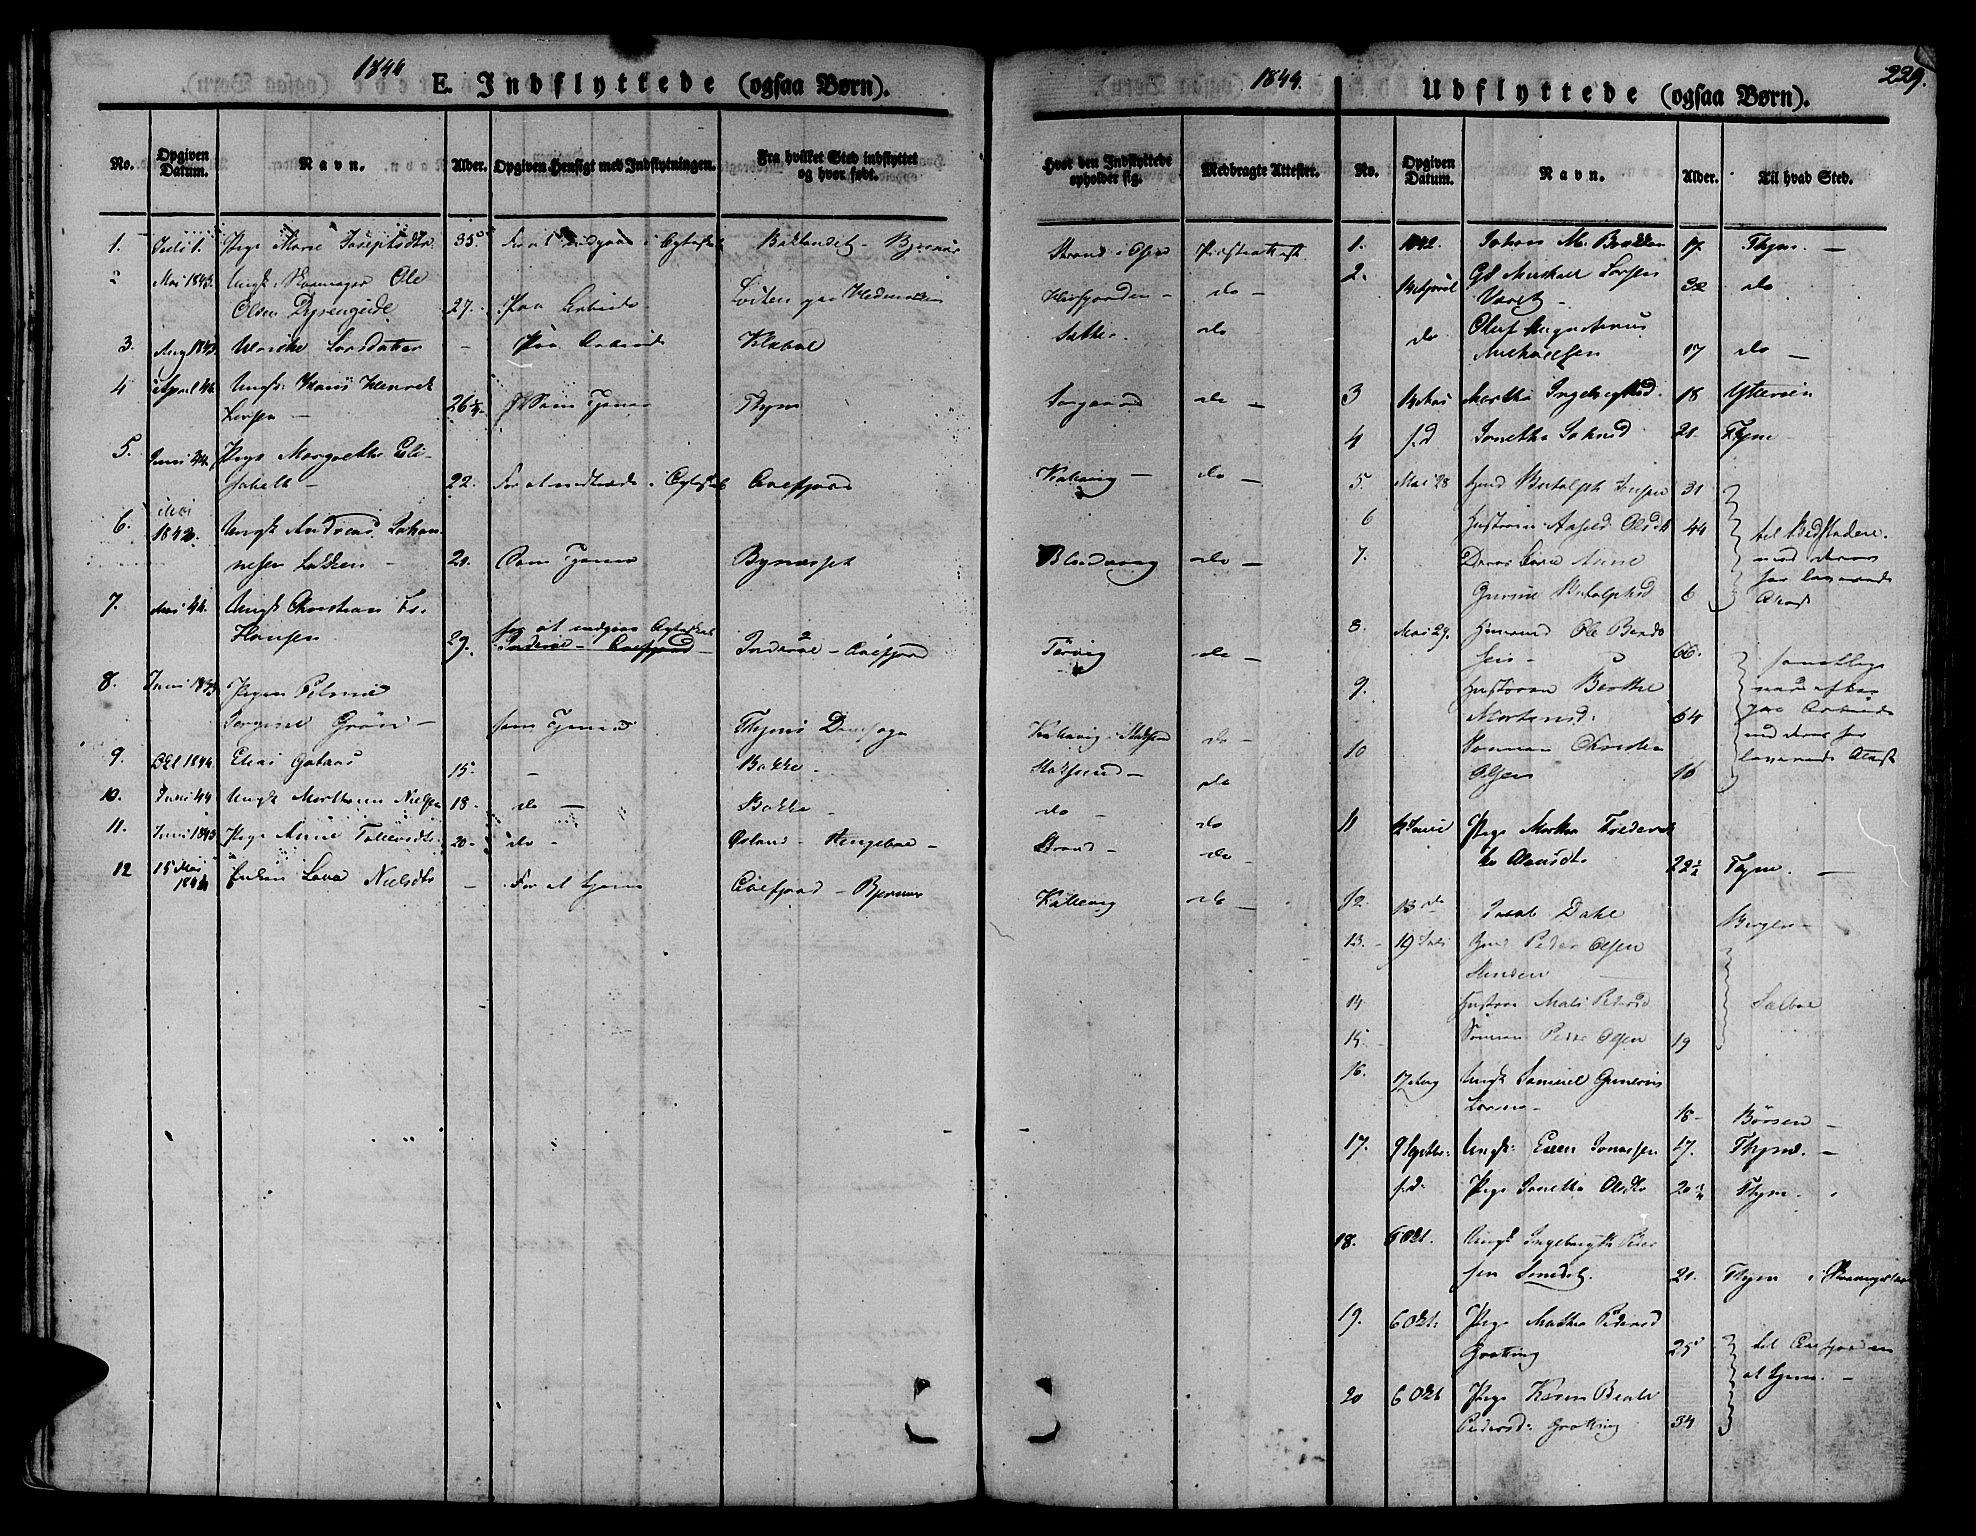 SAT, Ministerialprotokoller, klokkerbøker og fødselsregistre - Sør-Trøndelag, 657/L0703: Ministerialbok nr. 657A04, 1831-1846, s. 229